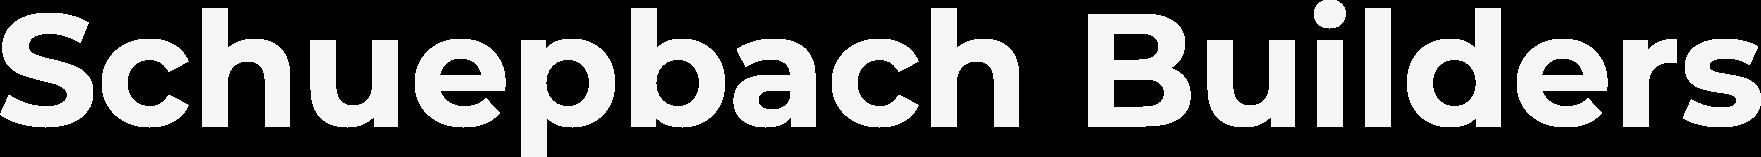 Schuepbach Builders